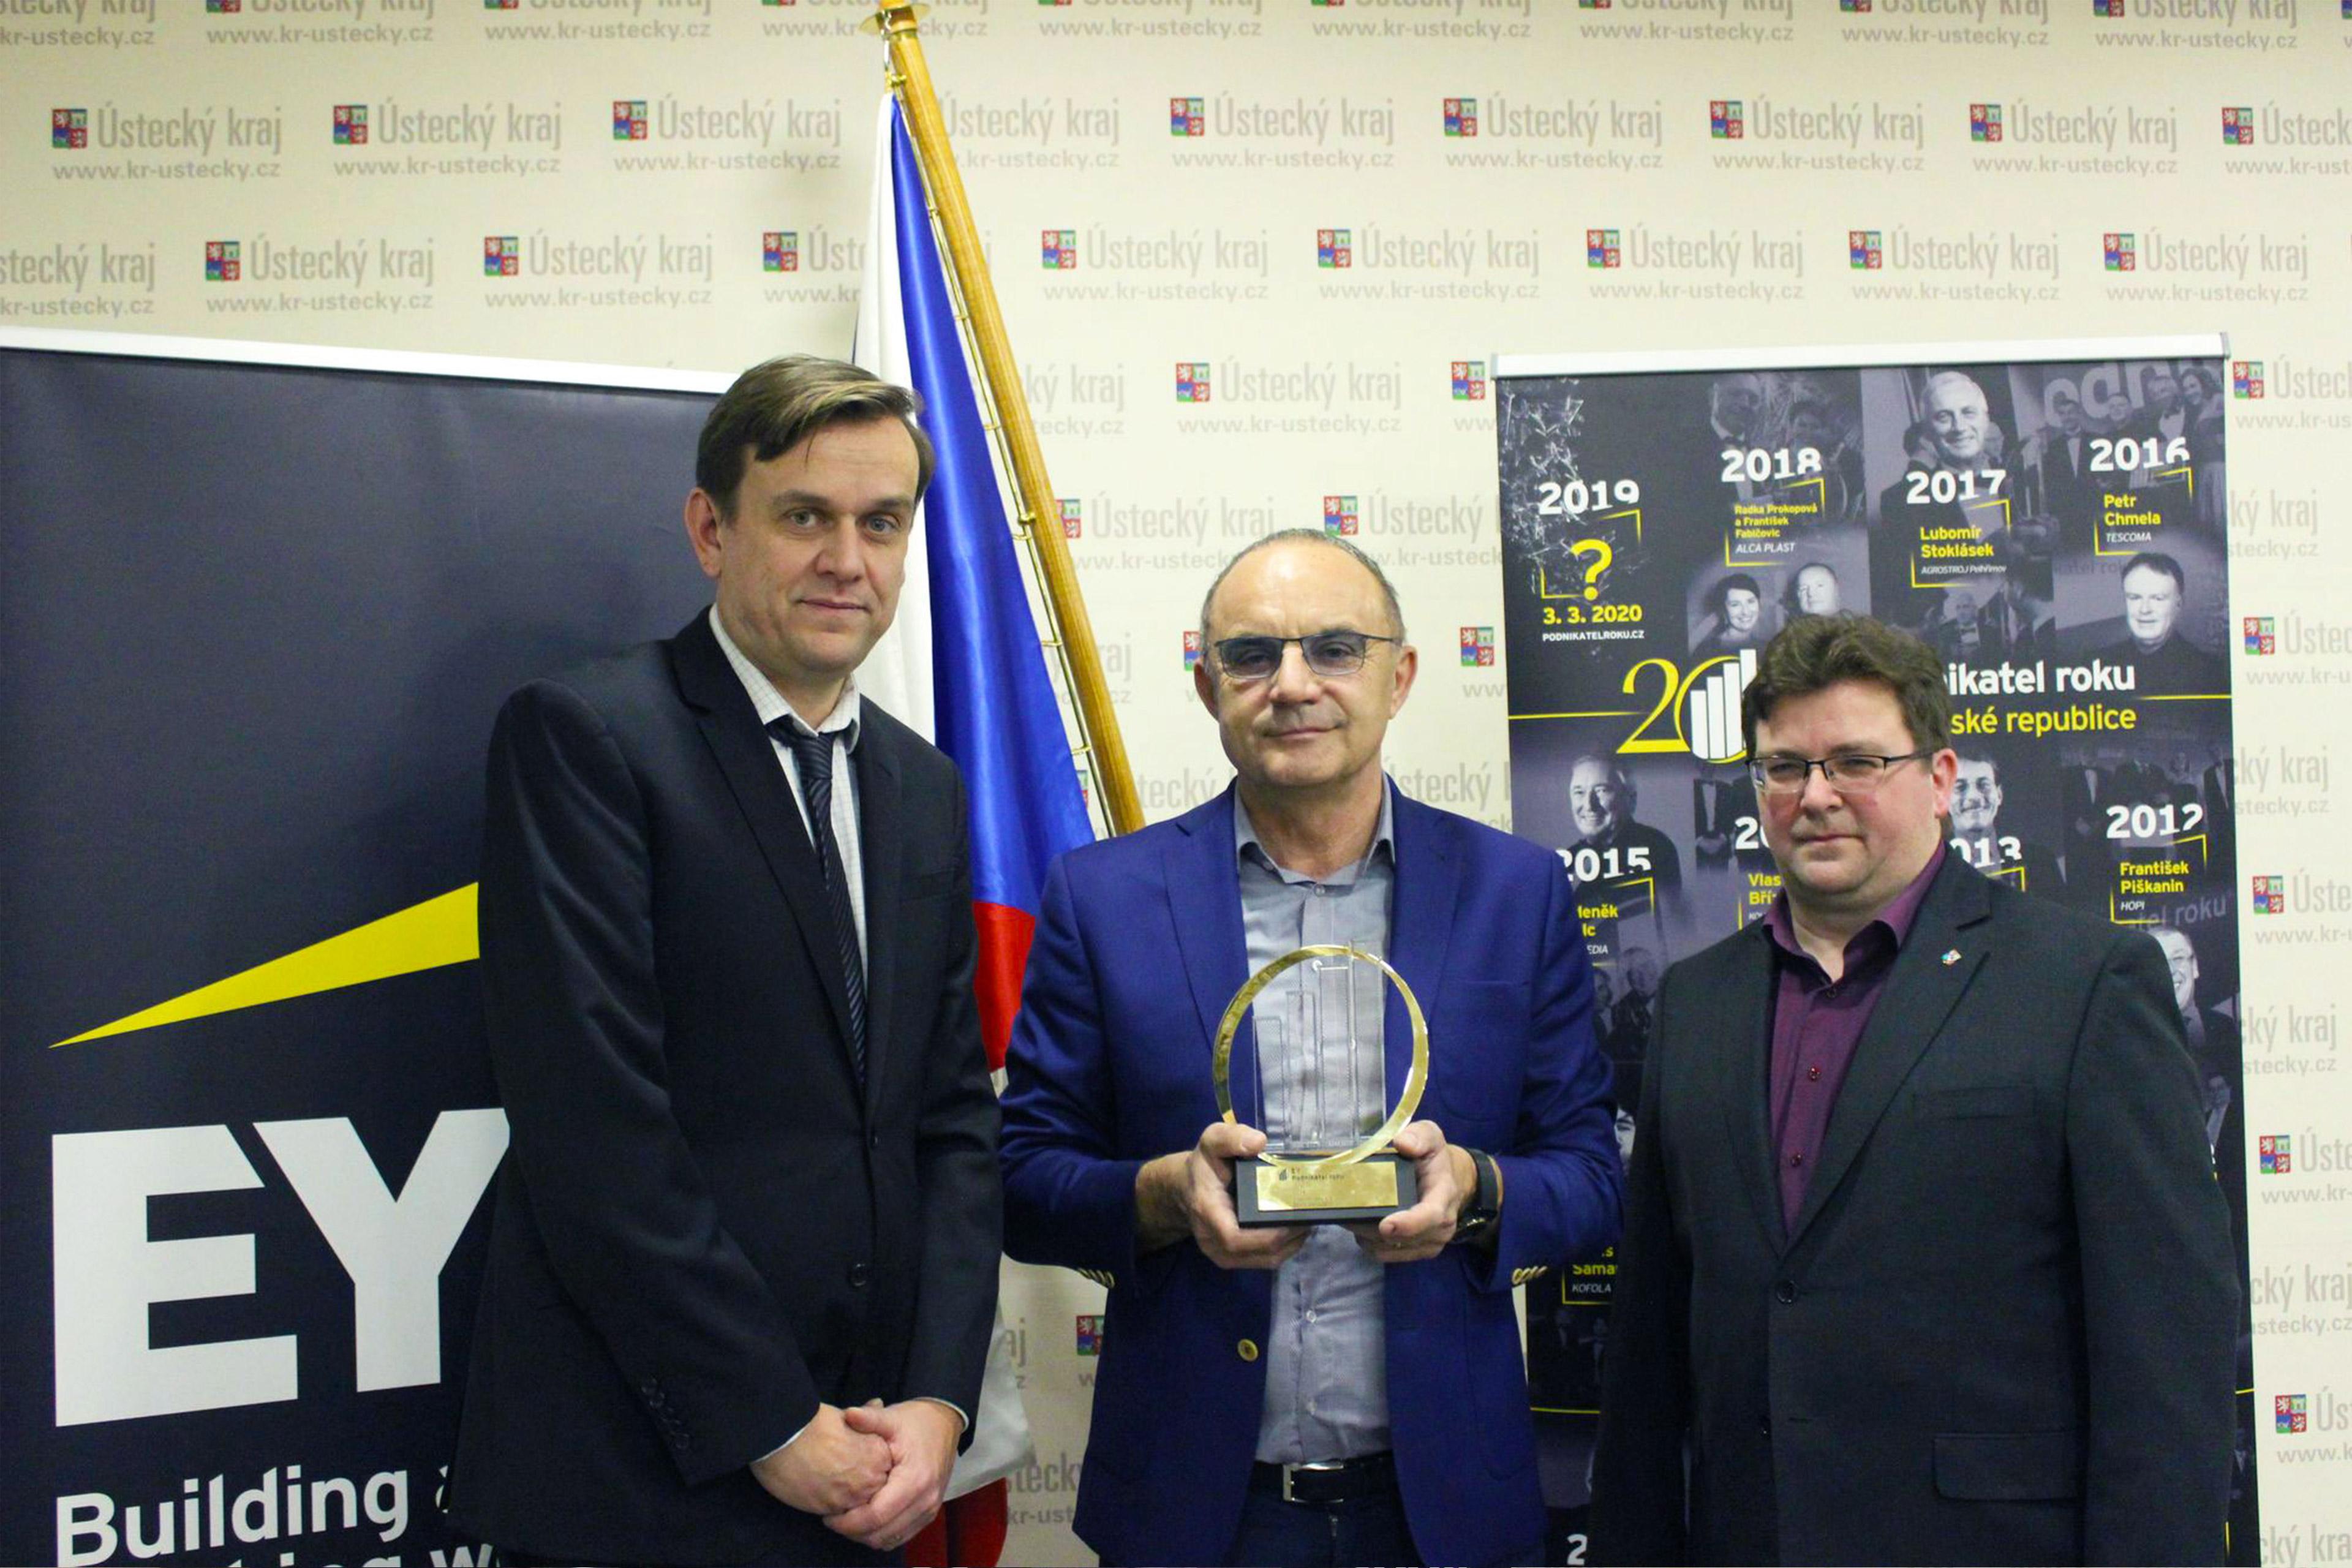 Zleva: Michal Půr (info.cz), Vlastimil Sedláček (SEKO Aerospace, EY Podnikatel roku 2019 Ústeckého kraje), Miroslav Andrt (radní Ústeckého kraje)